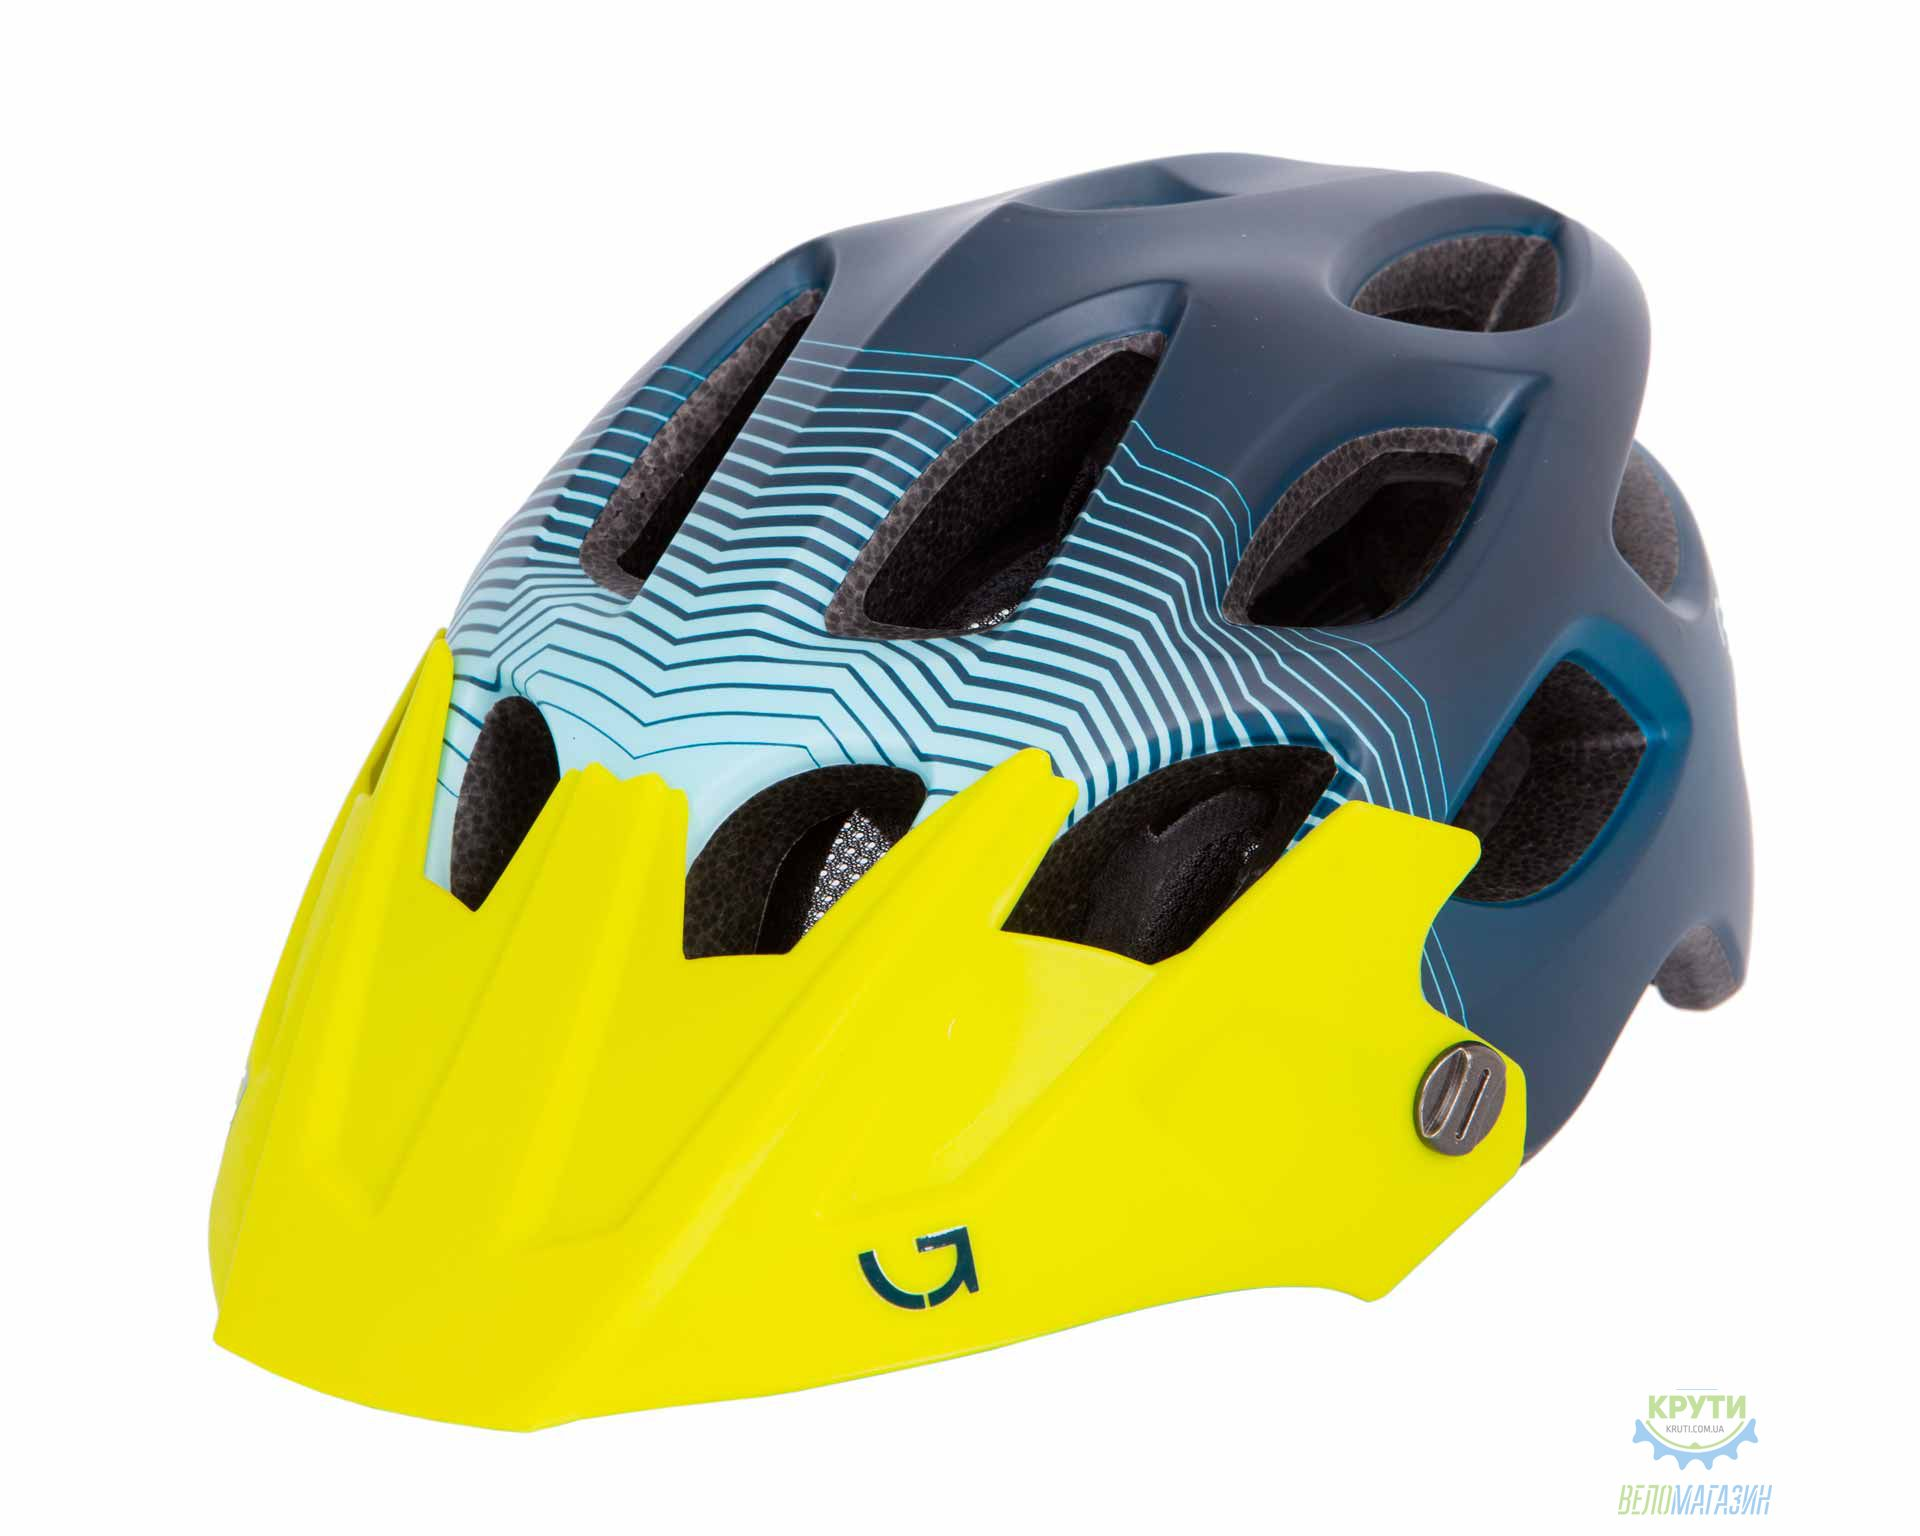 Шлем Green Cycle Slash размер 54-58см синий-голубой-желтый матовый